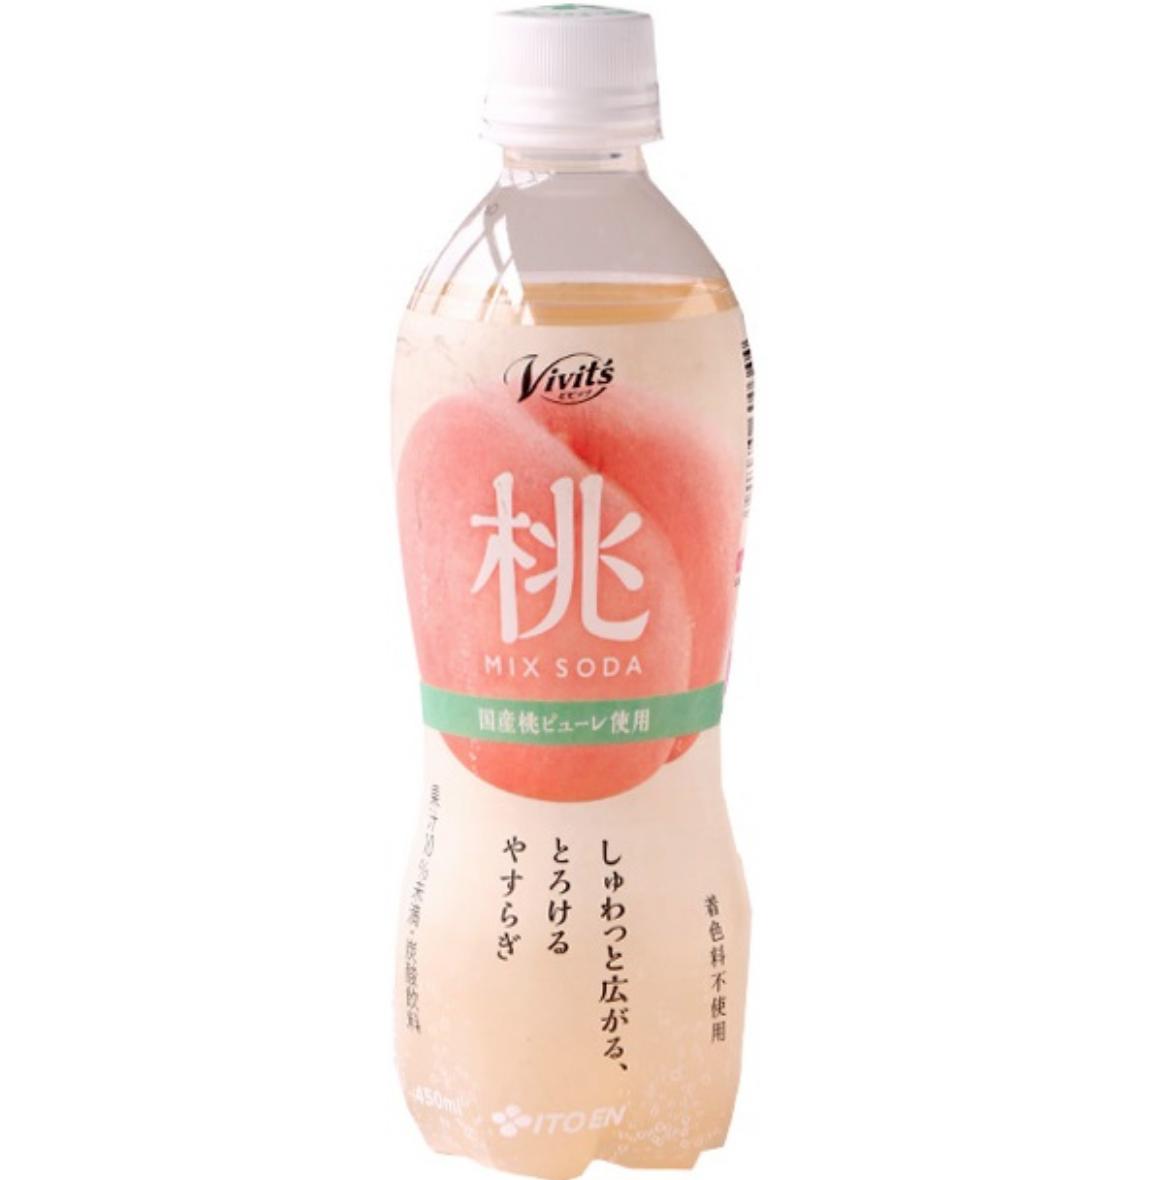 Itoen Itoen Vivit's Soda Peach